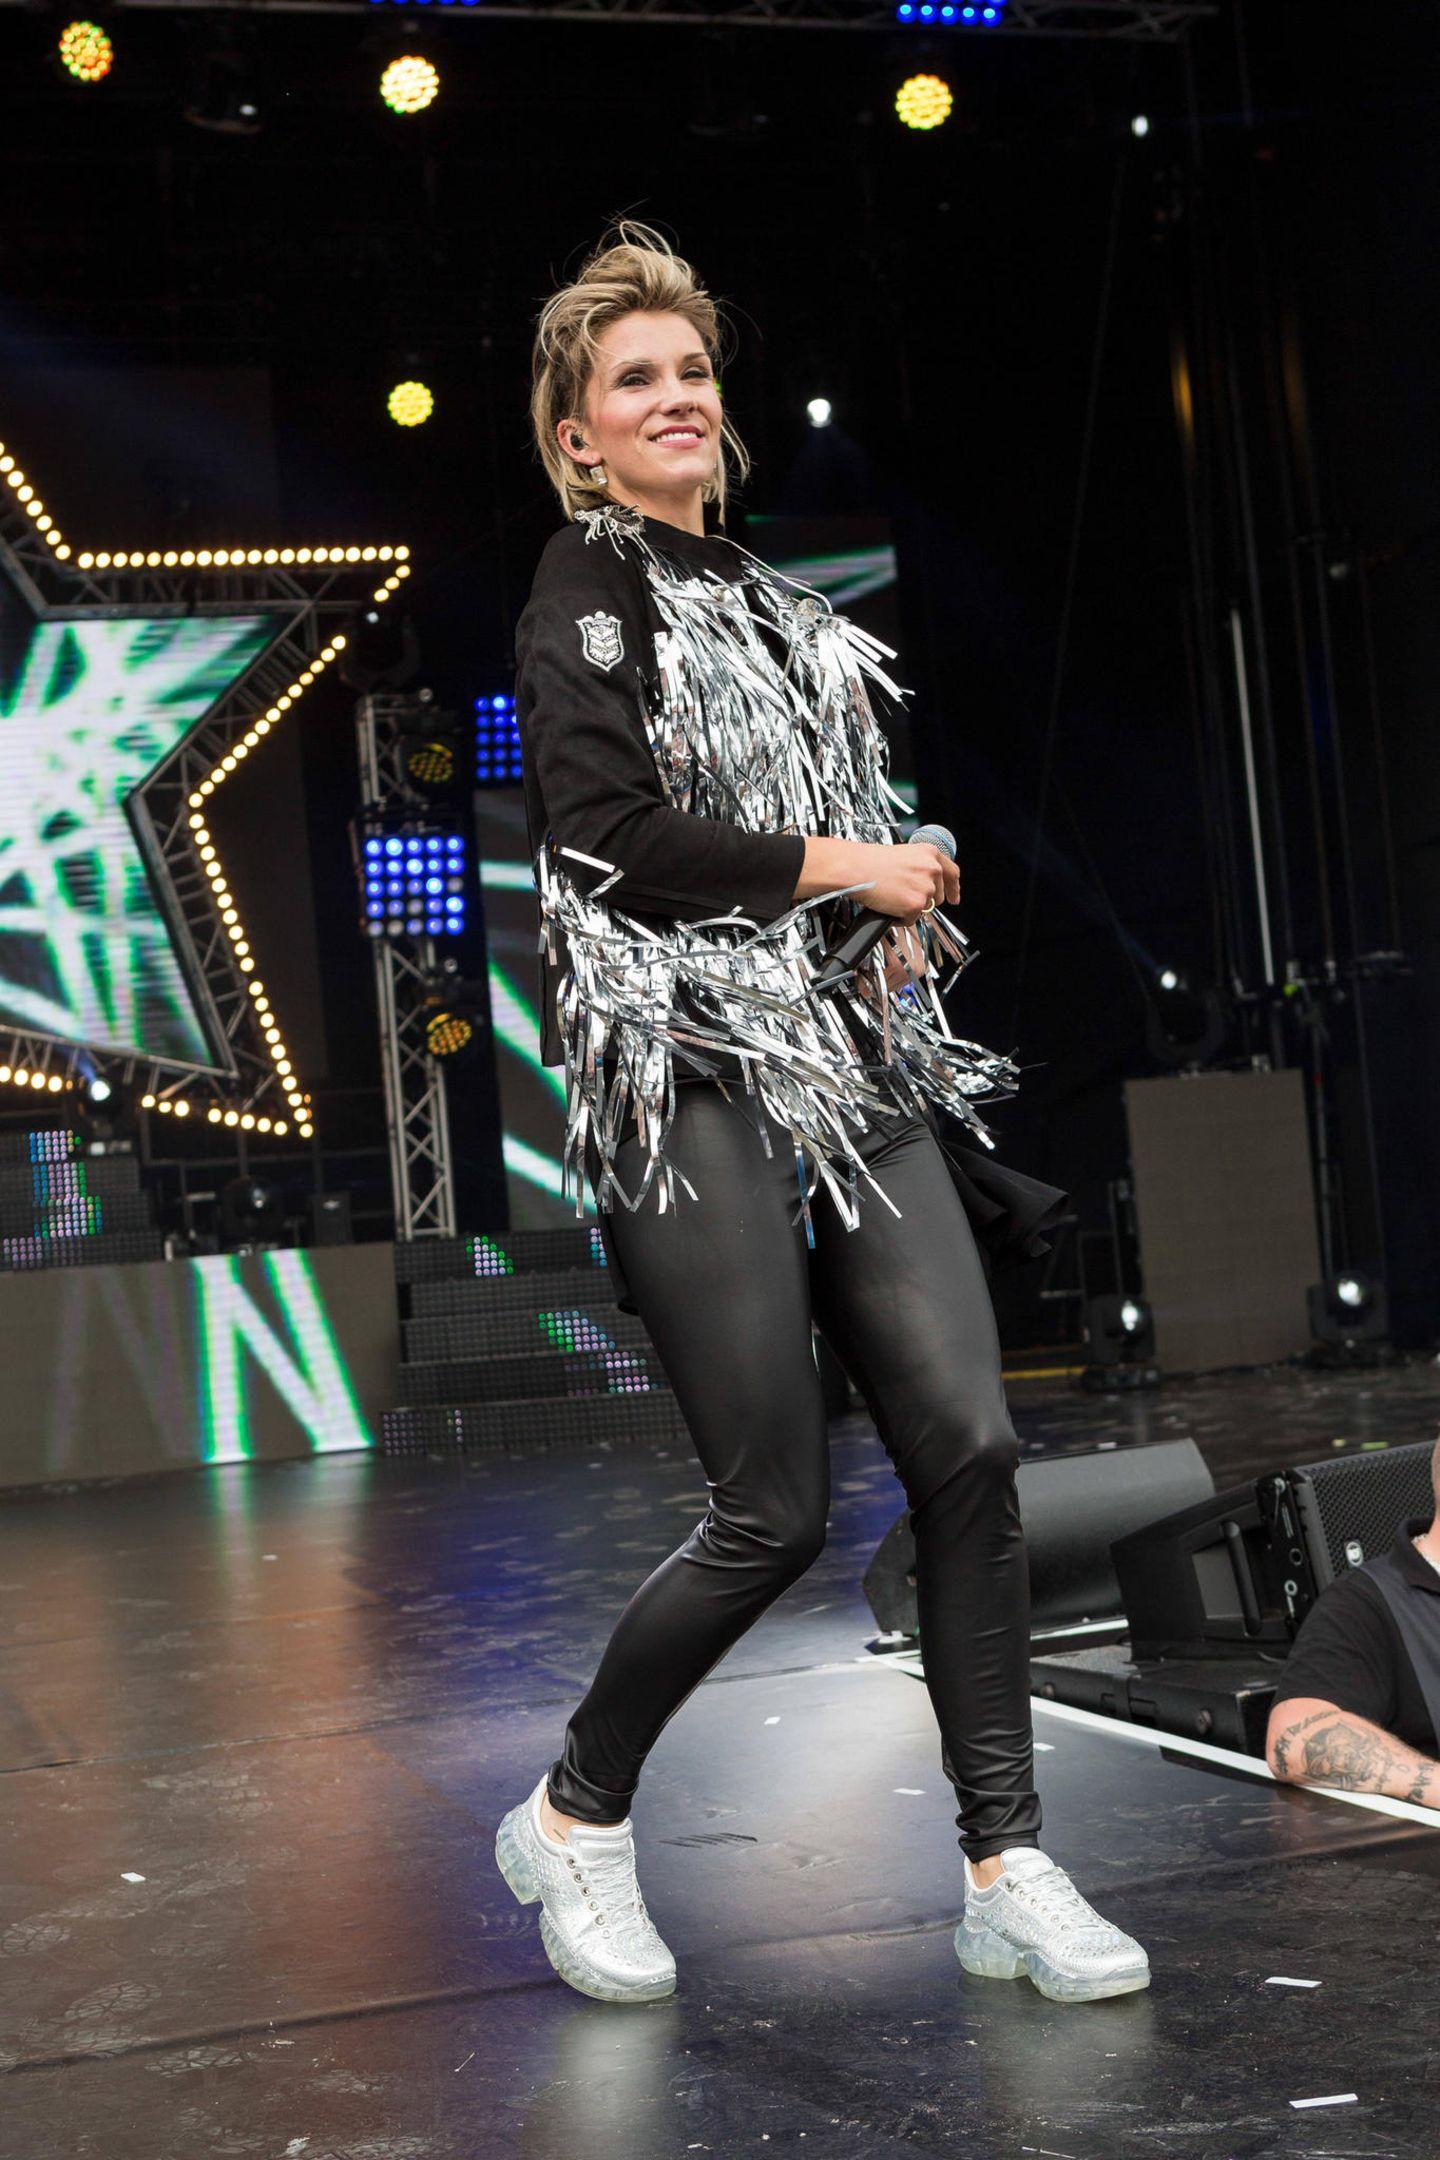 Auch Anna-Maria Zimmermann rockt beim Sauerland Open Air Festival in einer Leggings in Lederoptik und einem Parker mit auffälligen Metallic-Fransen die Bühne. Weiße Sneaker runden den sportlichen Look der Sängerin gekonnt ab.